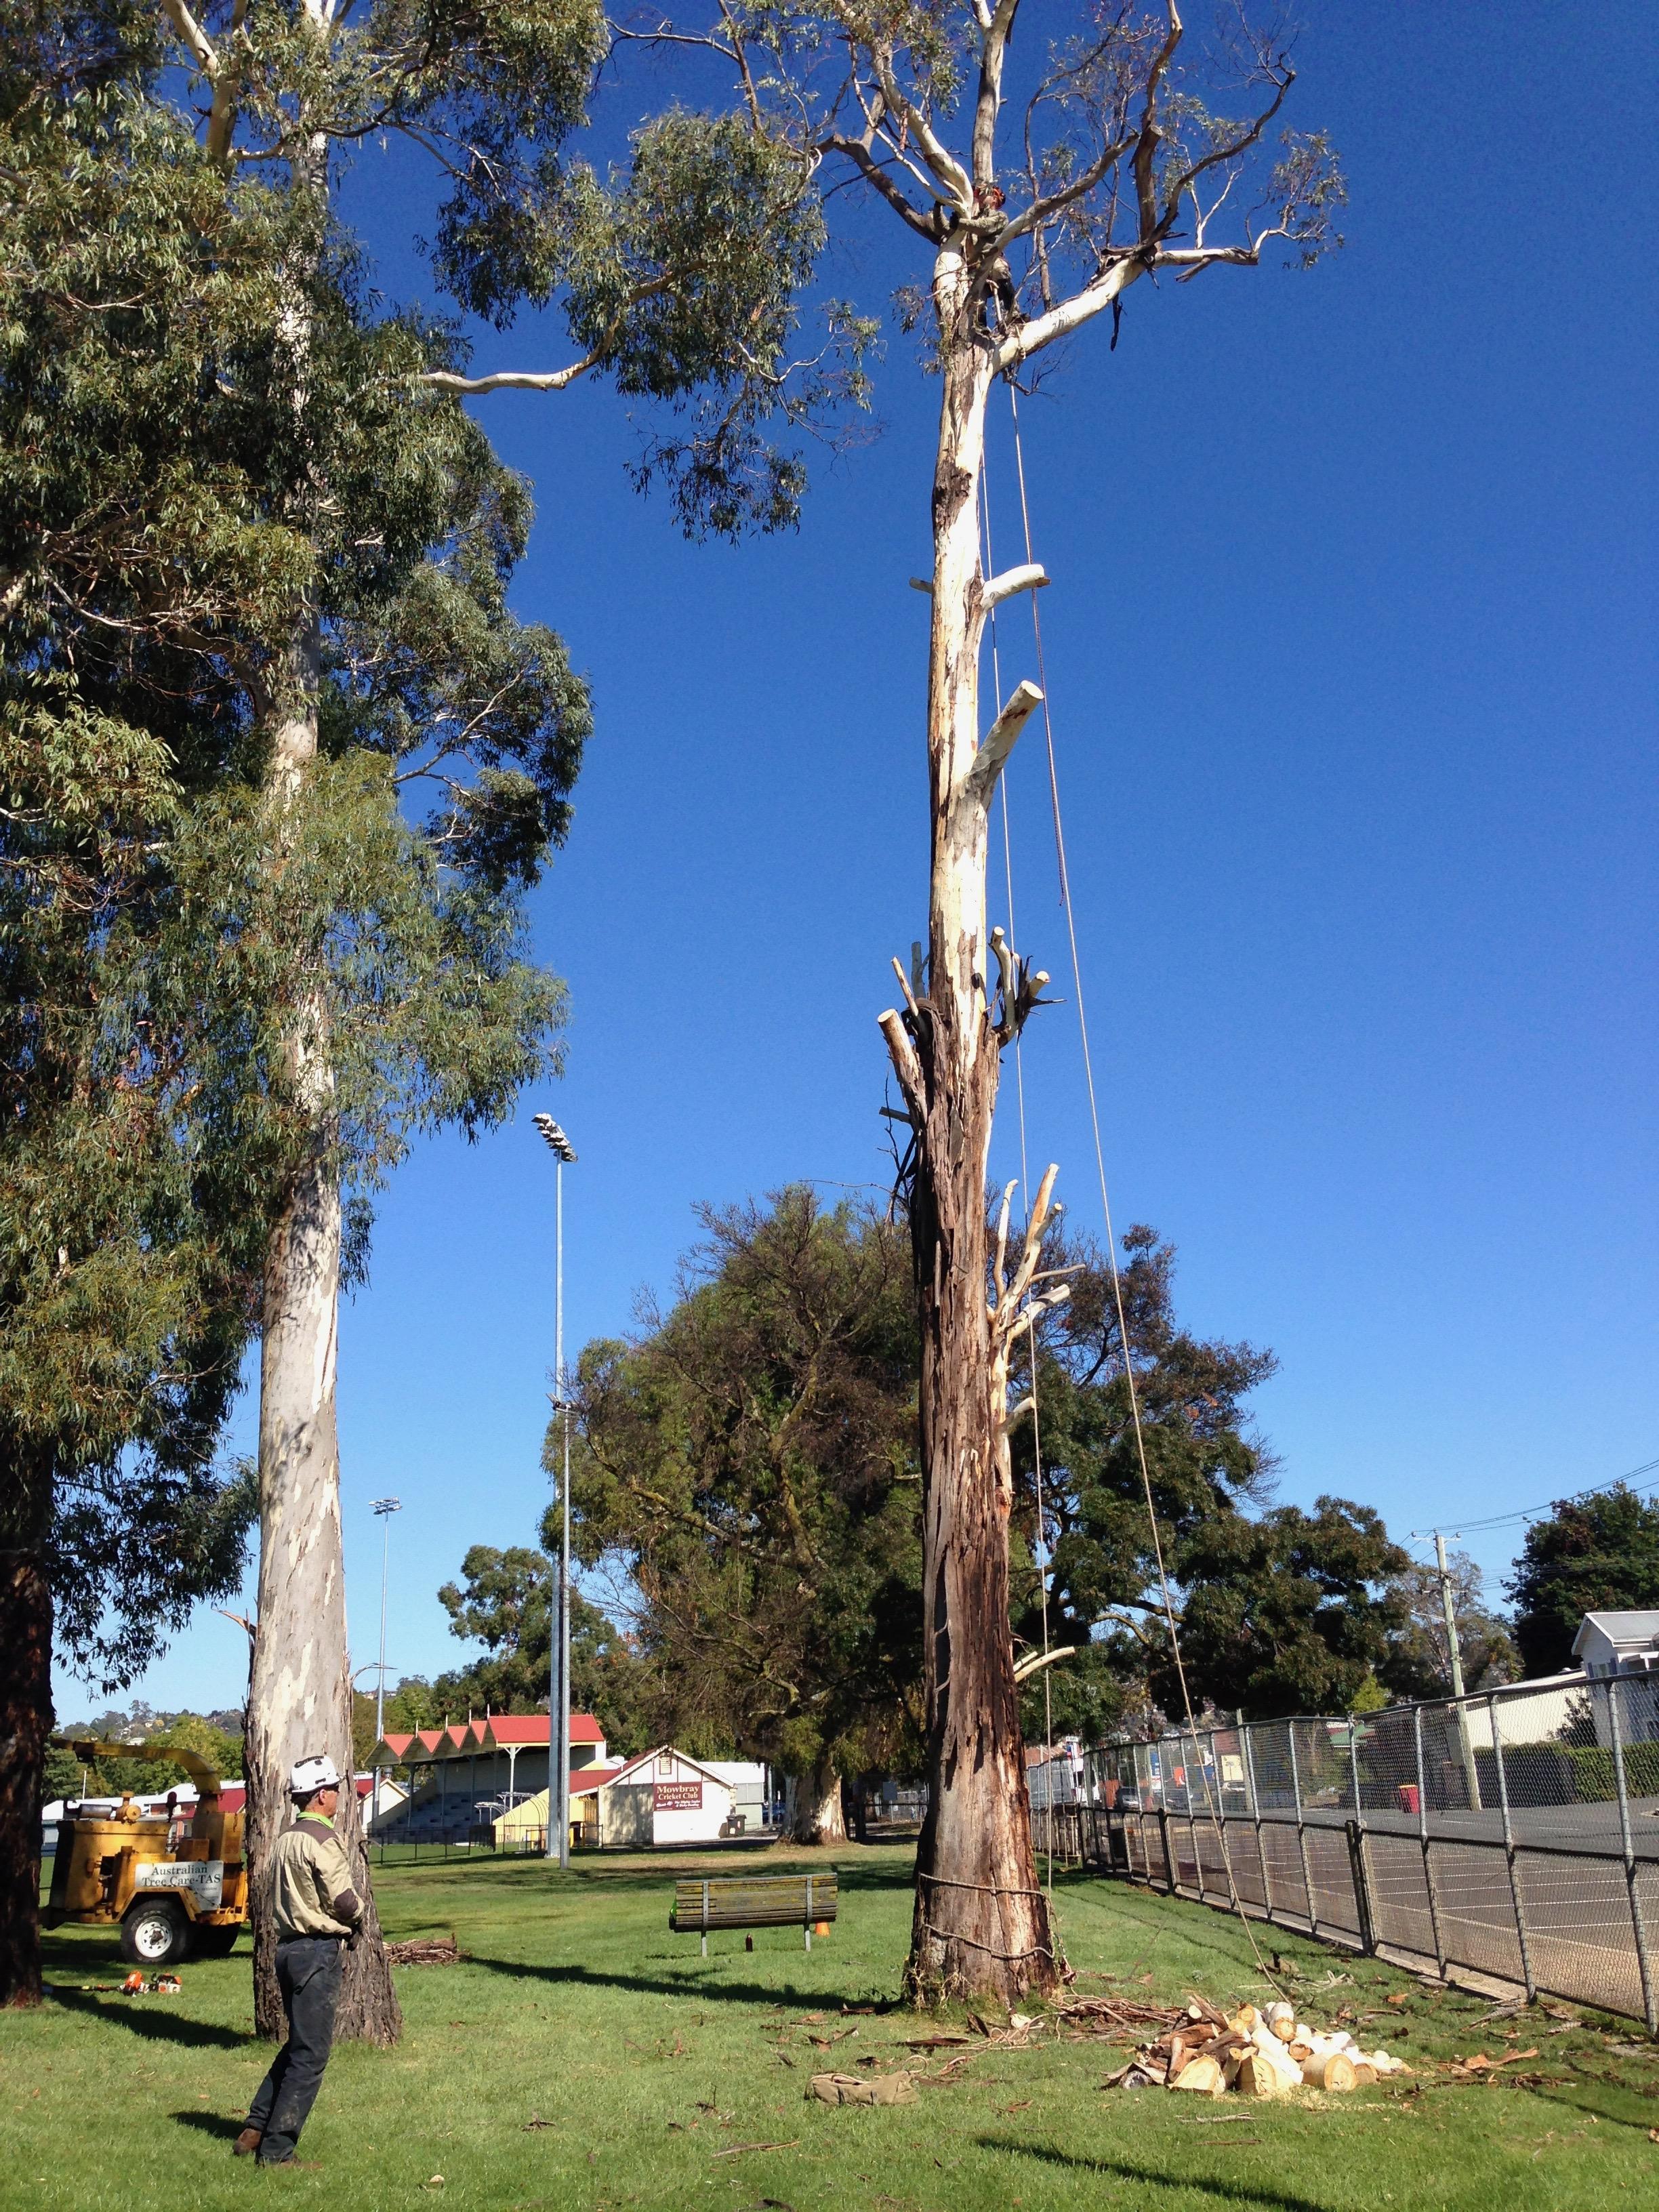 Removing a hazardous tree for Launceston City Council.